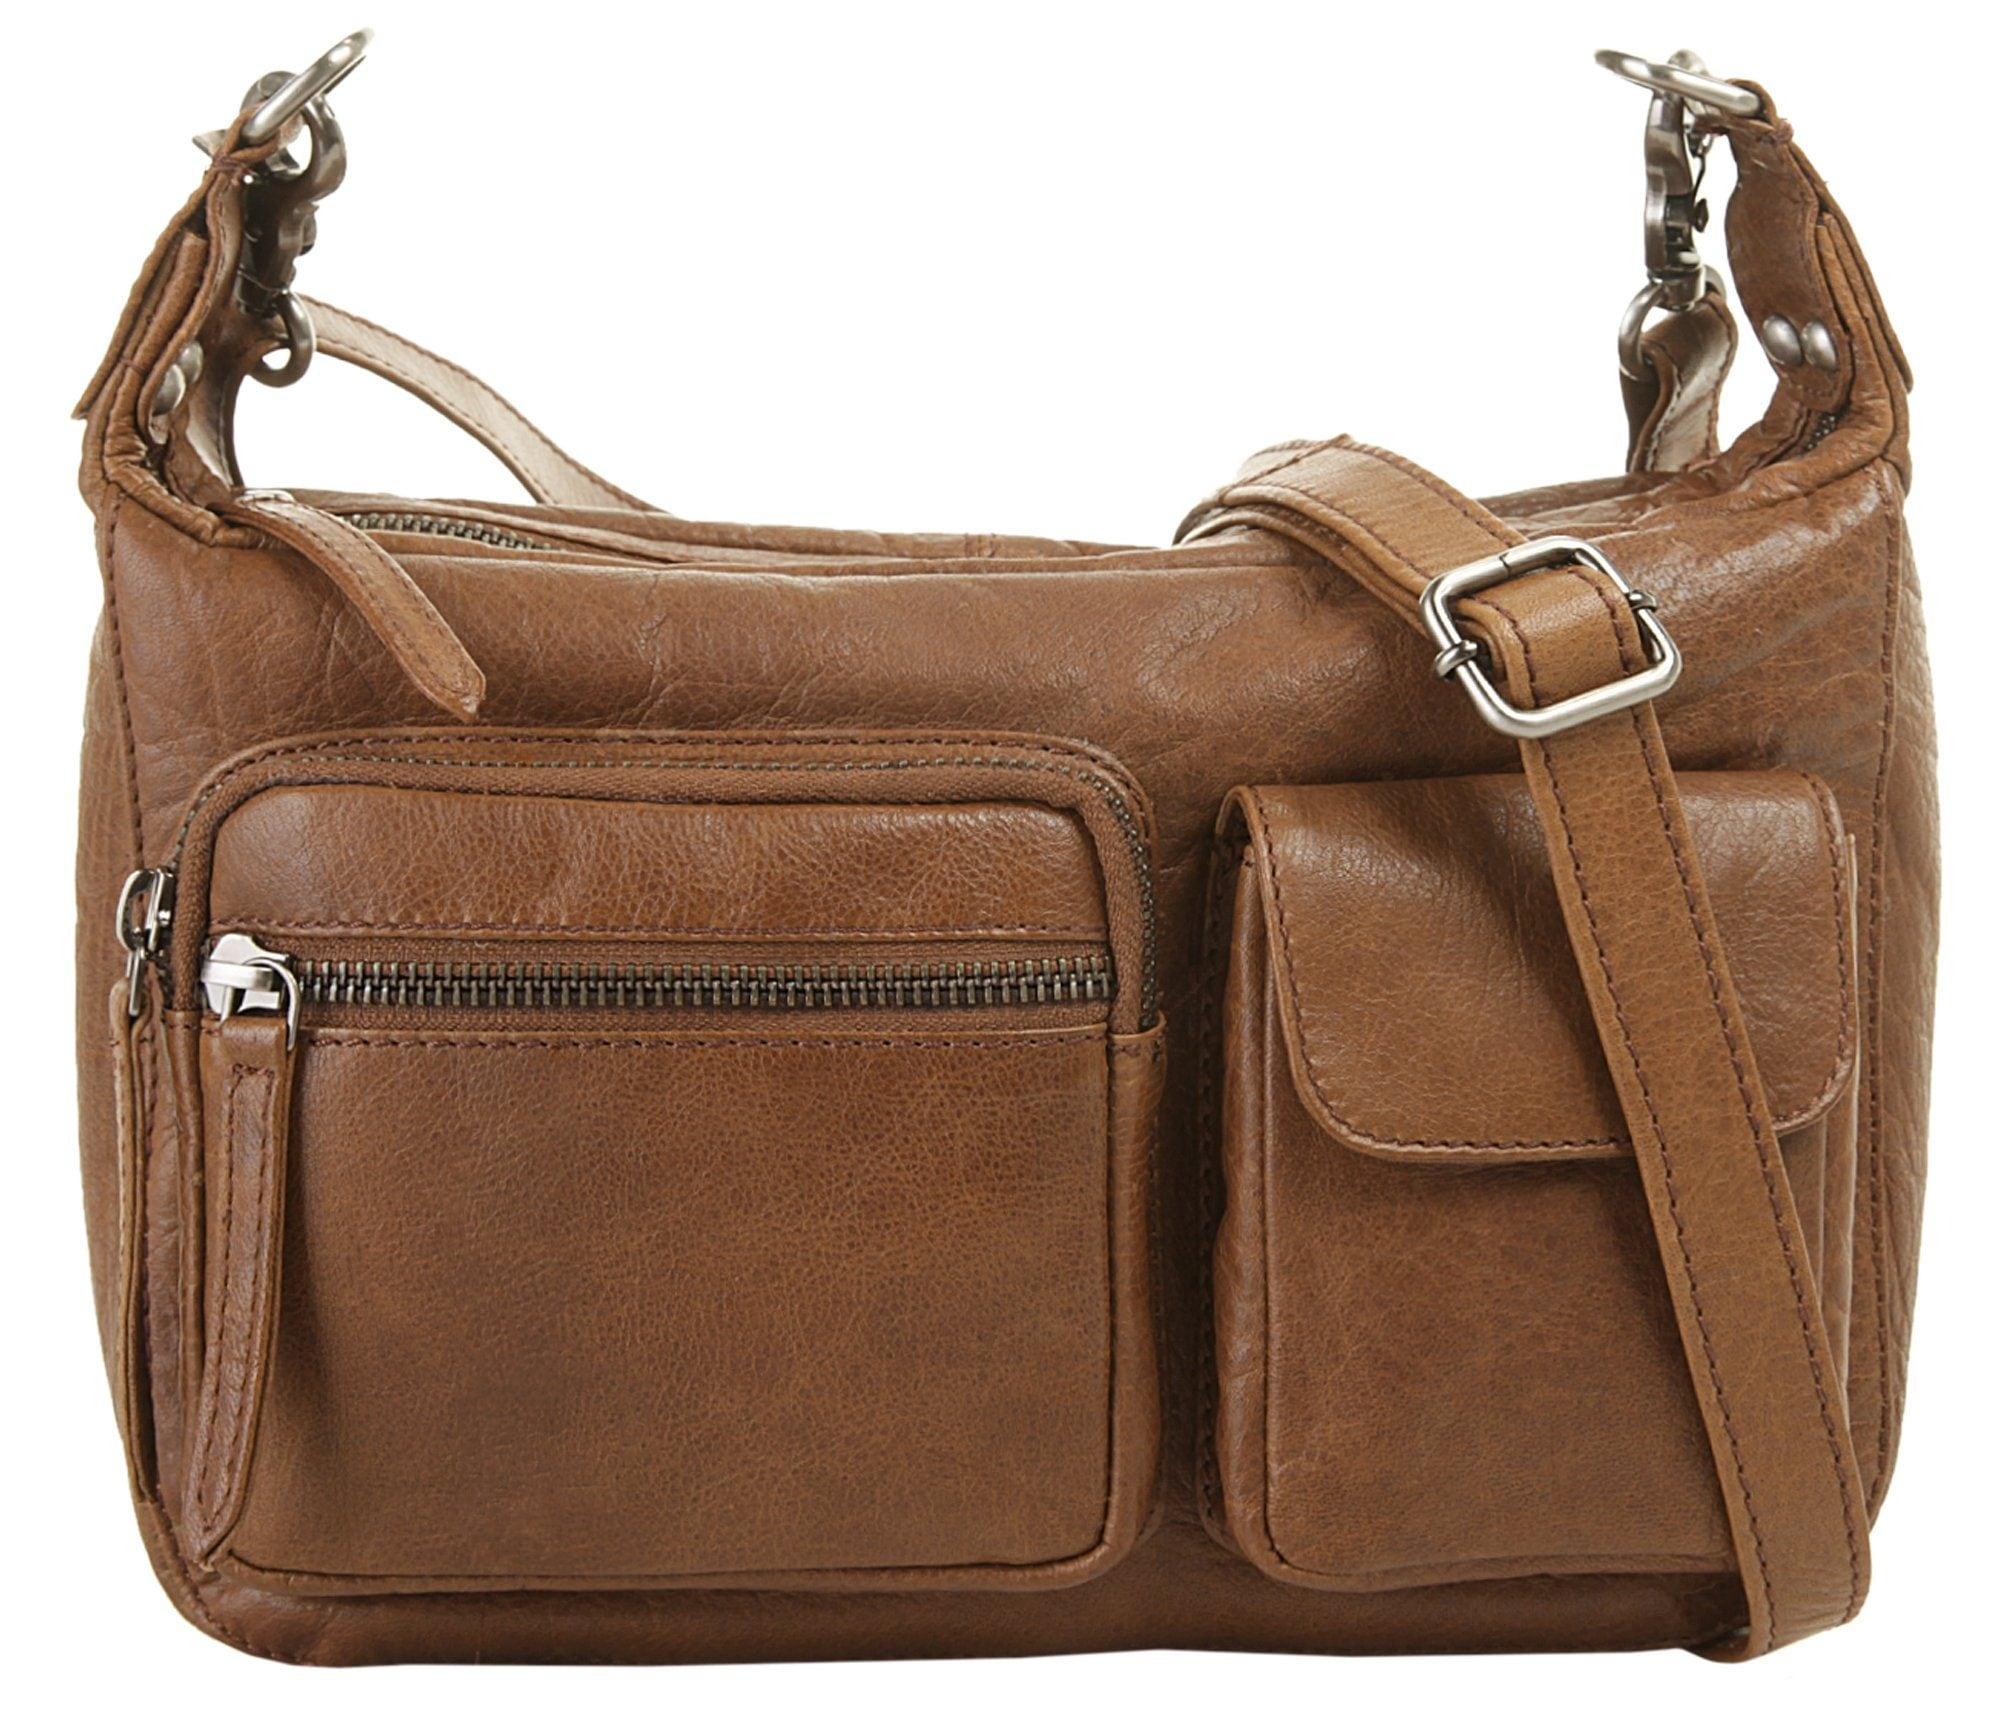 X-Zone Umhängetasche   Taschen > Handtaschen   X-Zone